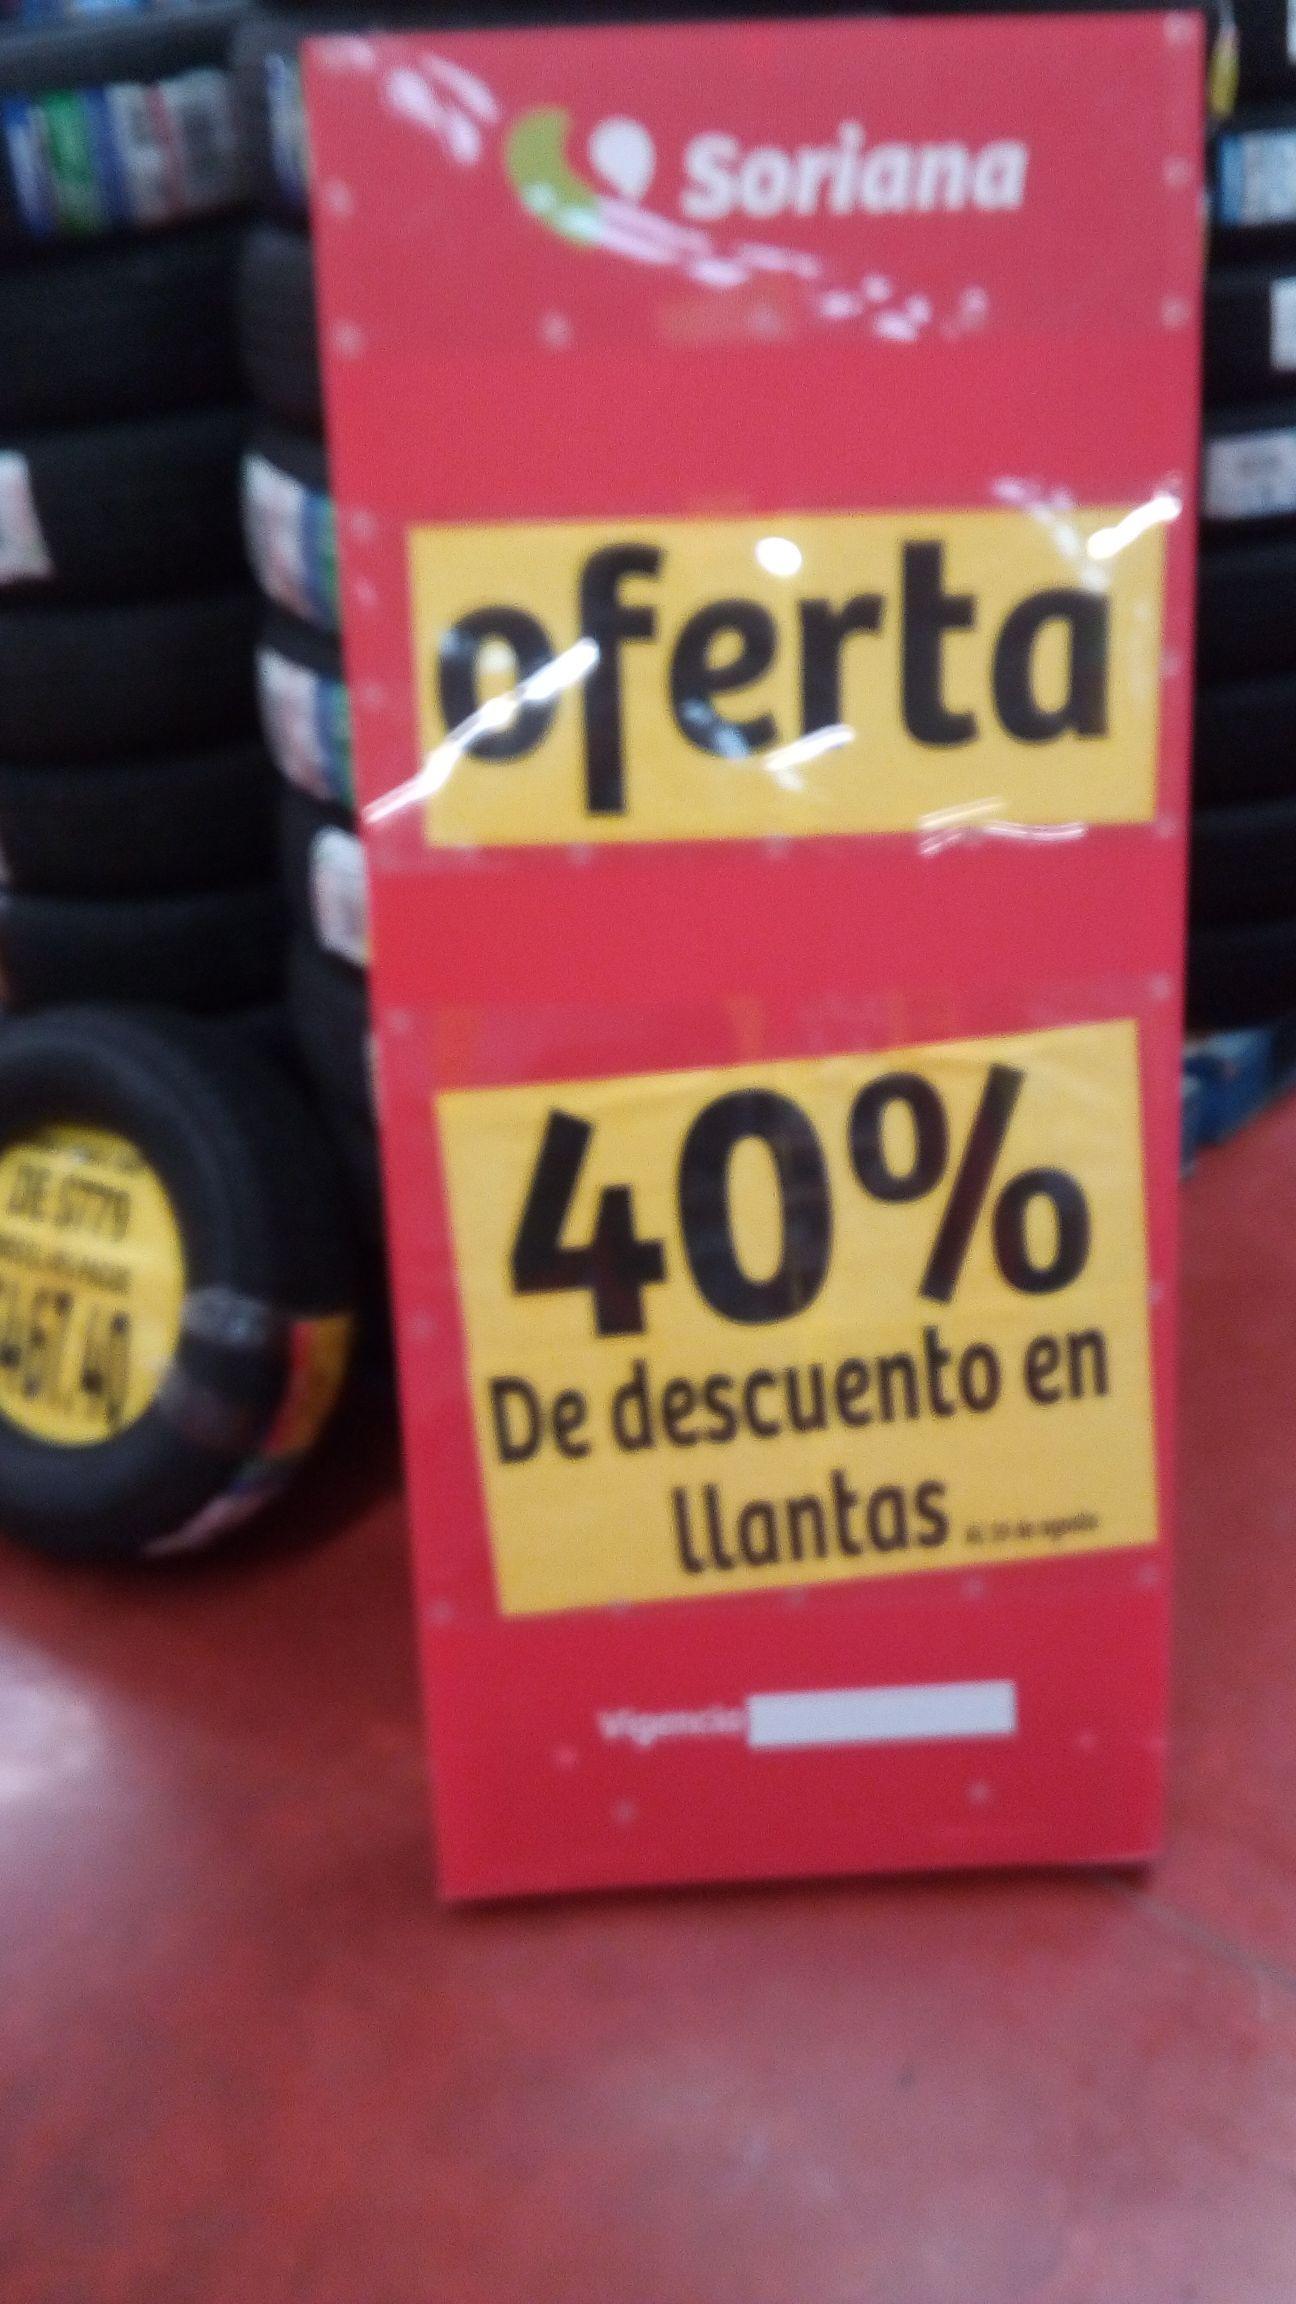 Soriana Hiper Av.128 : 40% de Descuento en Todas Las Llantas y Baigon Casa Y Jardín 400 ML a $20.66